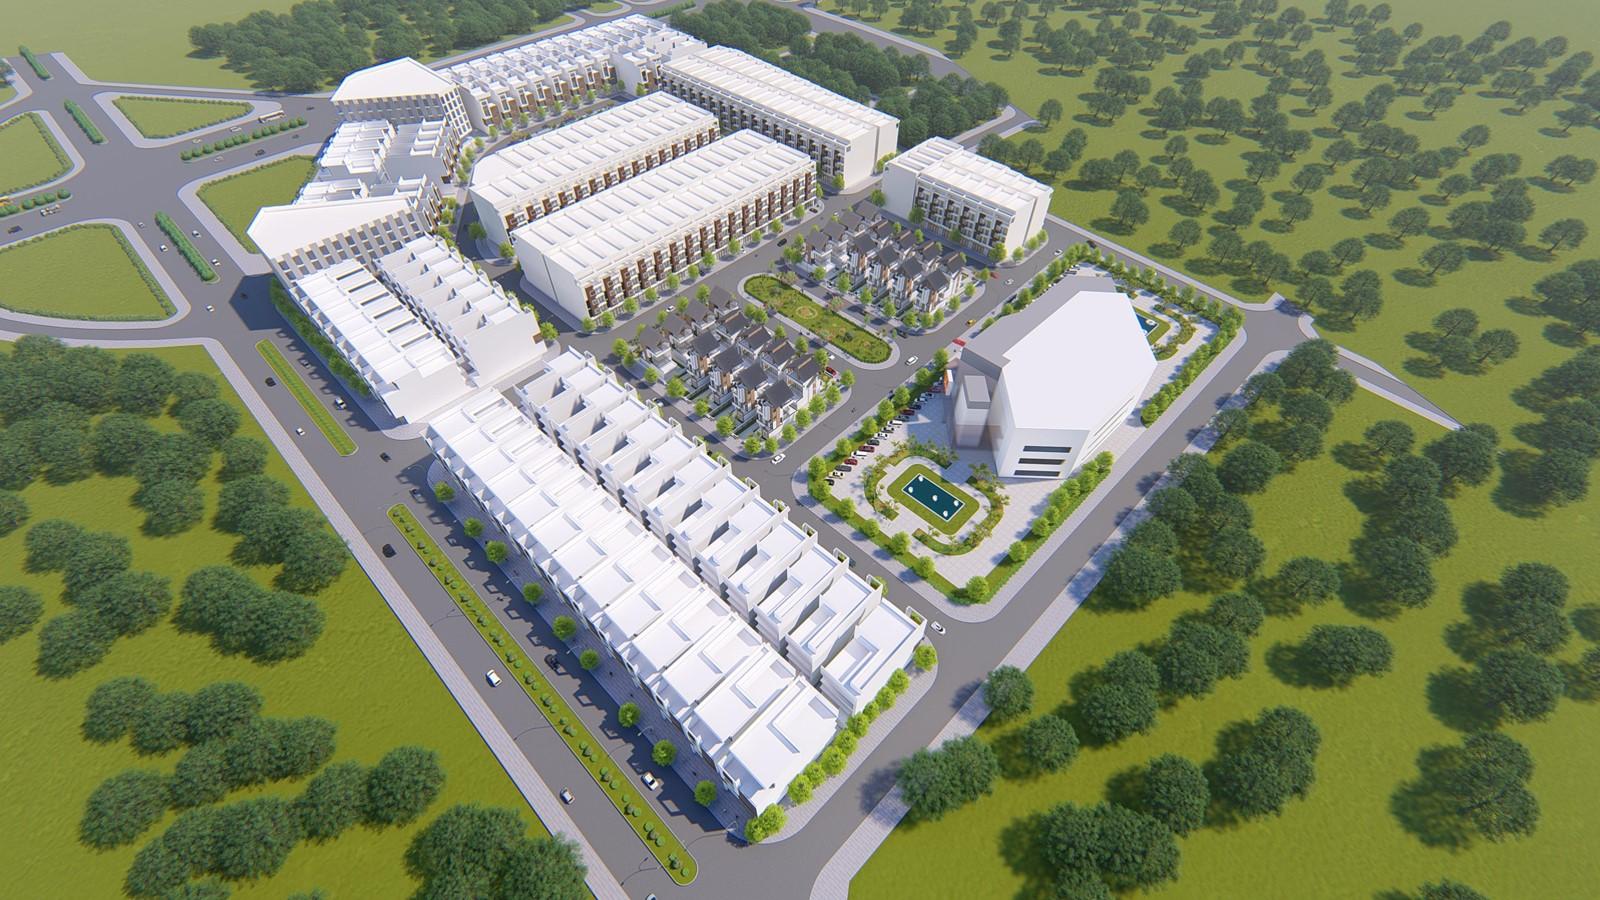 Phối cảnh tổng thể dự án Khu đô thị An Phú